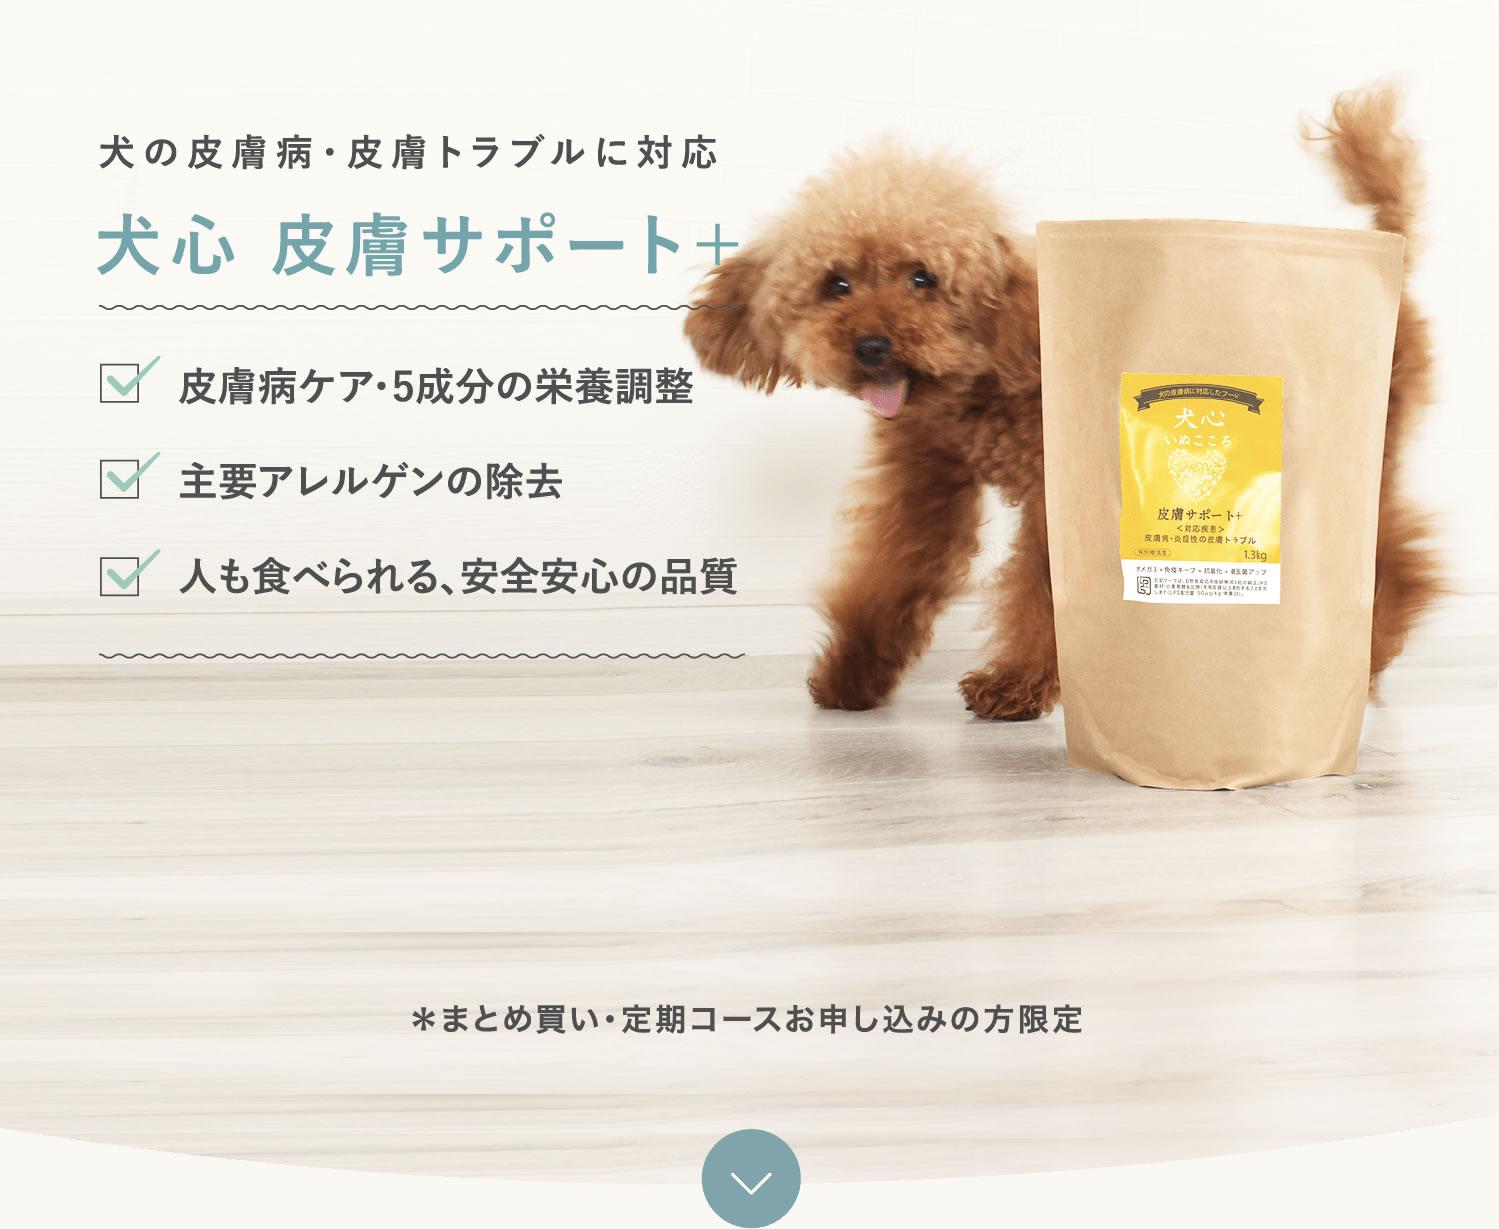 犬の皮膚炎・皮膚トラブルに対応 犬心皮膚サポート+